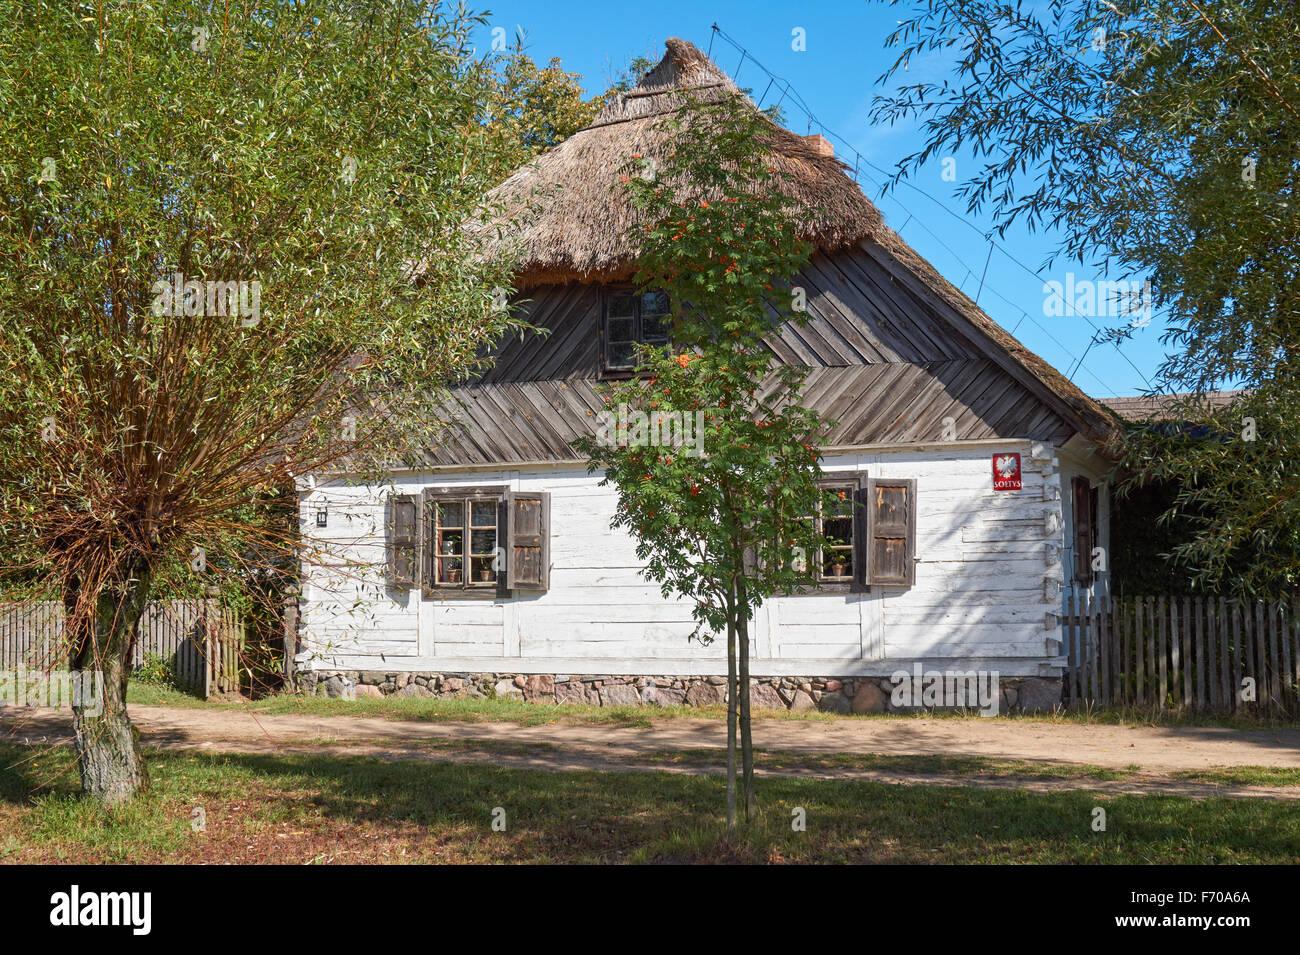 Das Museum Der Landschaft Masowien In Sierpc, Polen. Alte Hölzerne Bauer  Bauernhaus Mit Reetdach